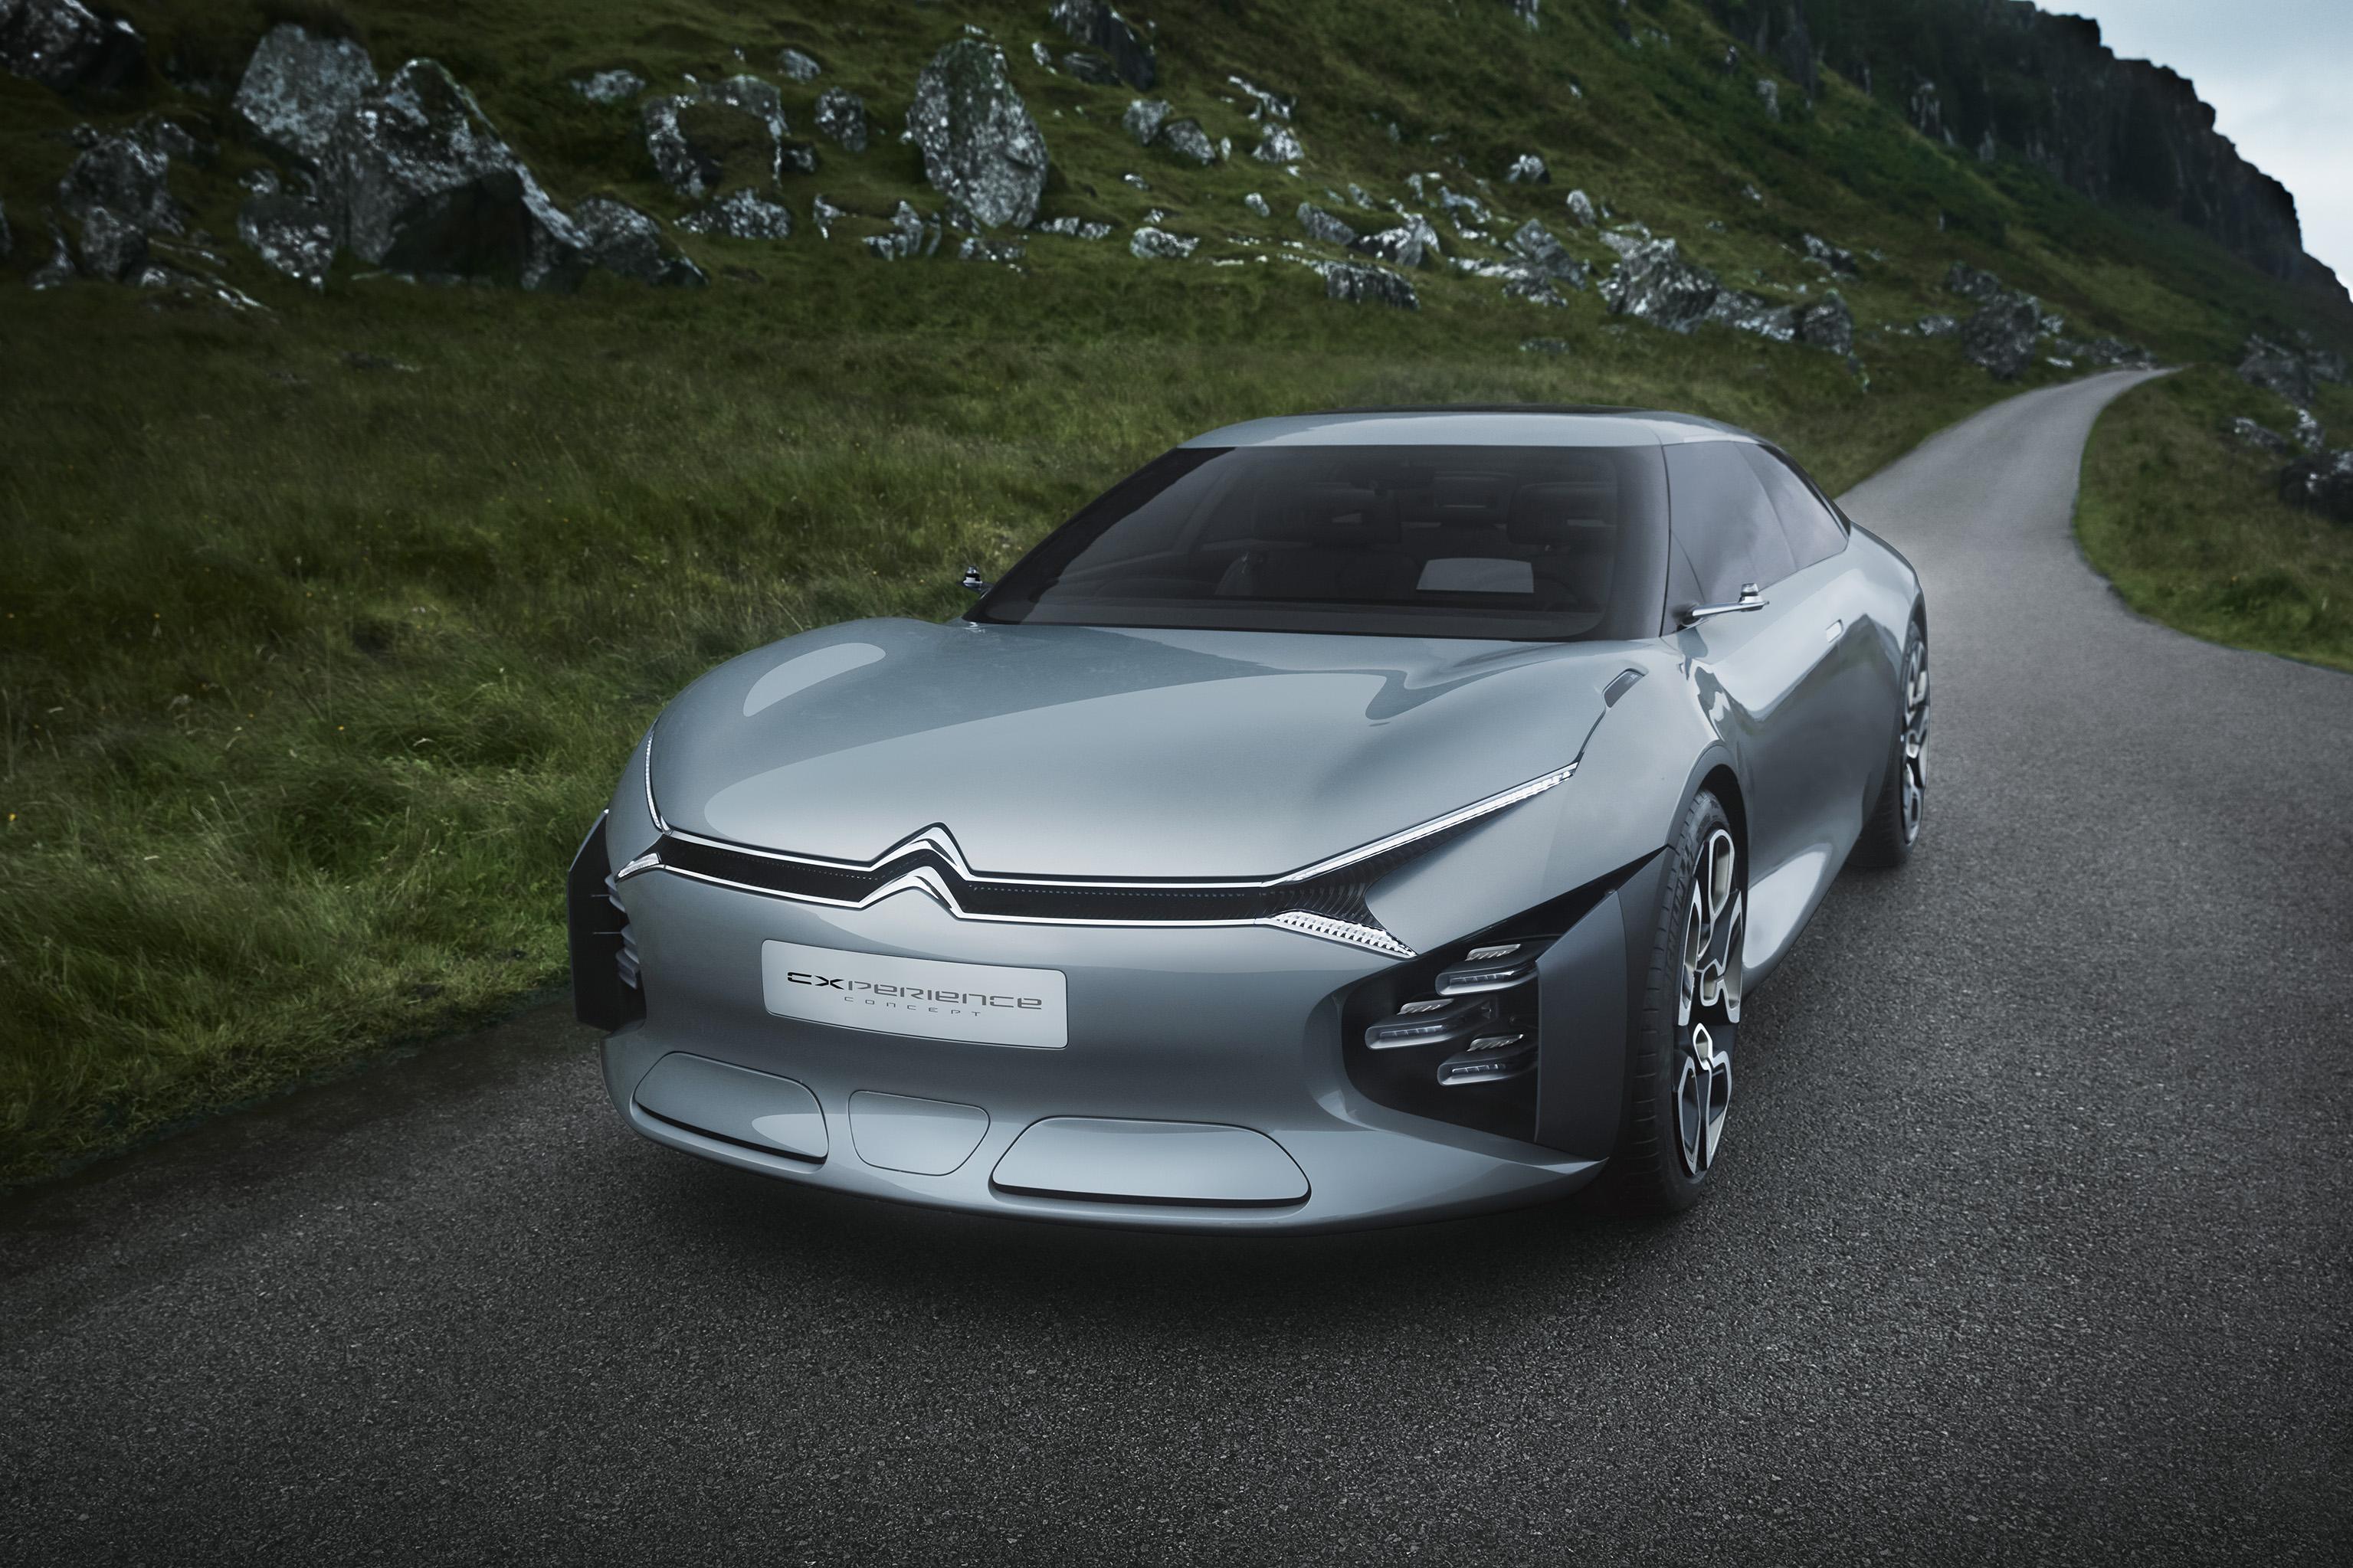 Citroën CXPERIENCE Concept : le confort en hybride rechargeable